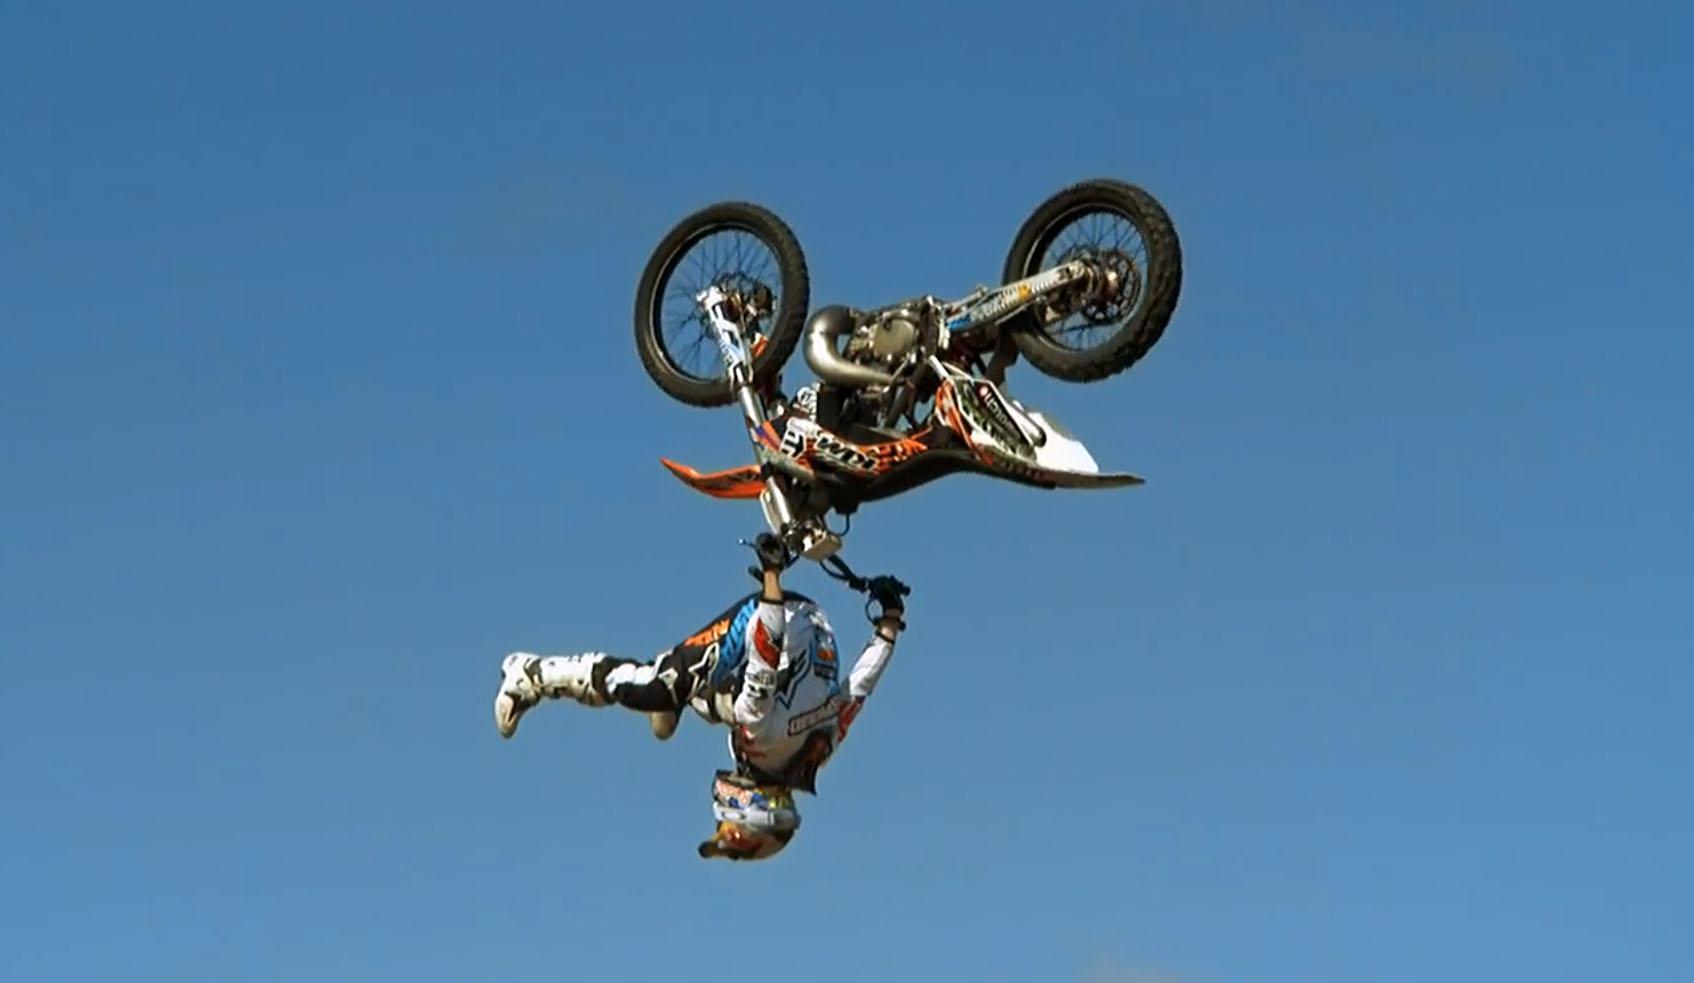 Assista um inacreditável mortal de motocicleta em câmera super lenta